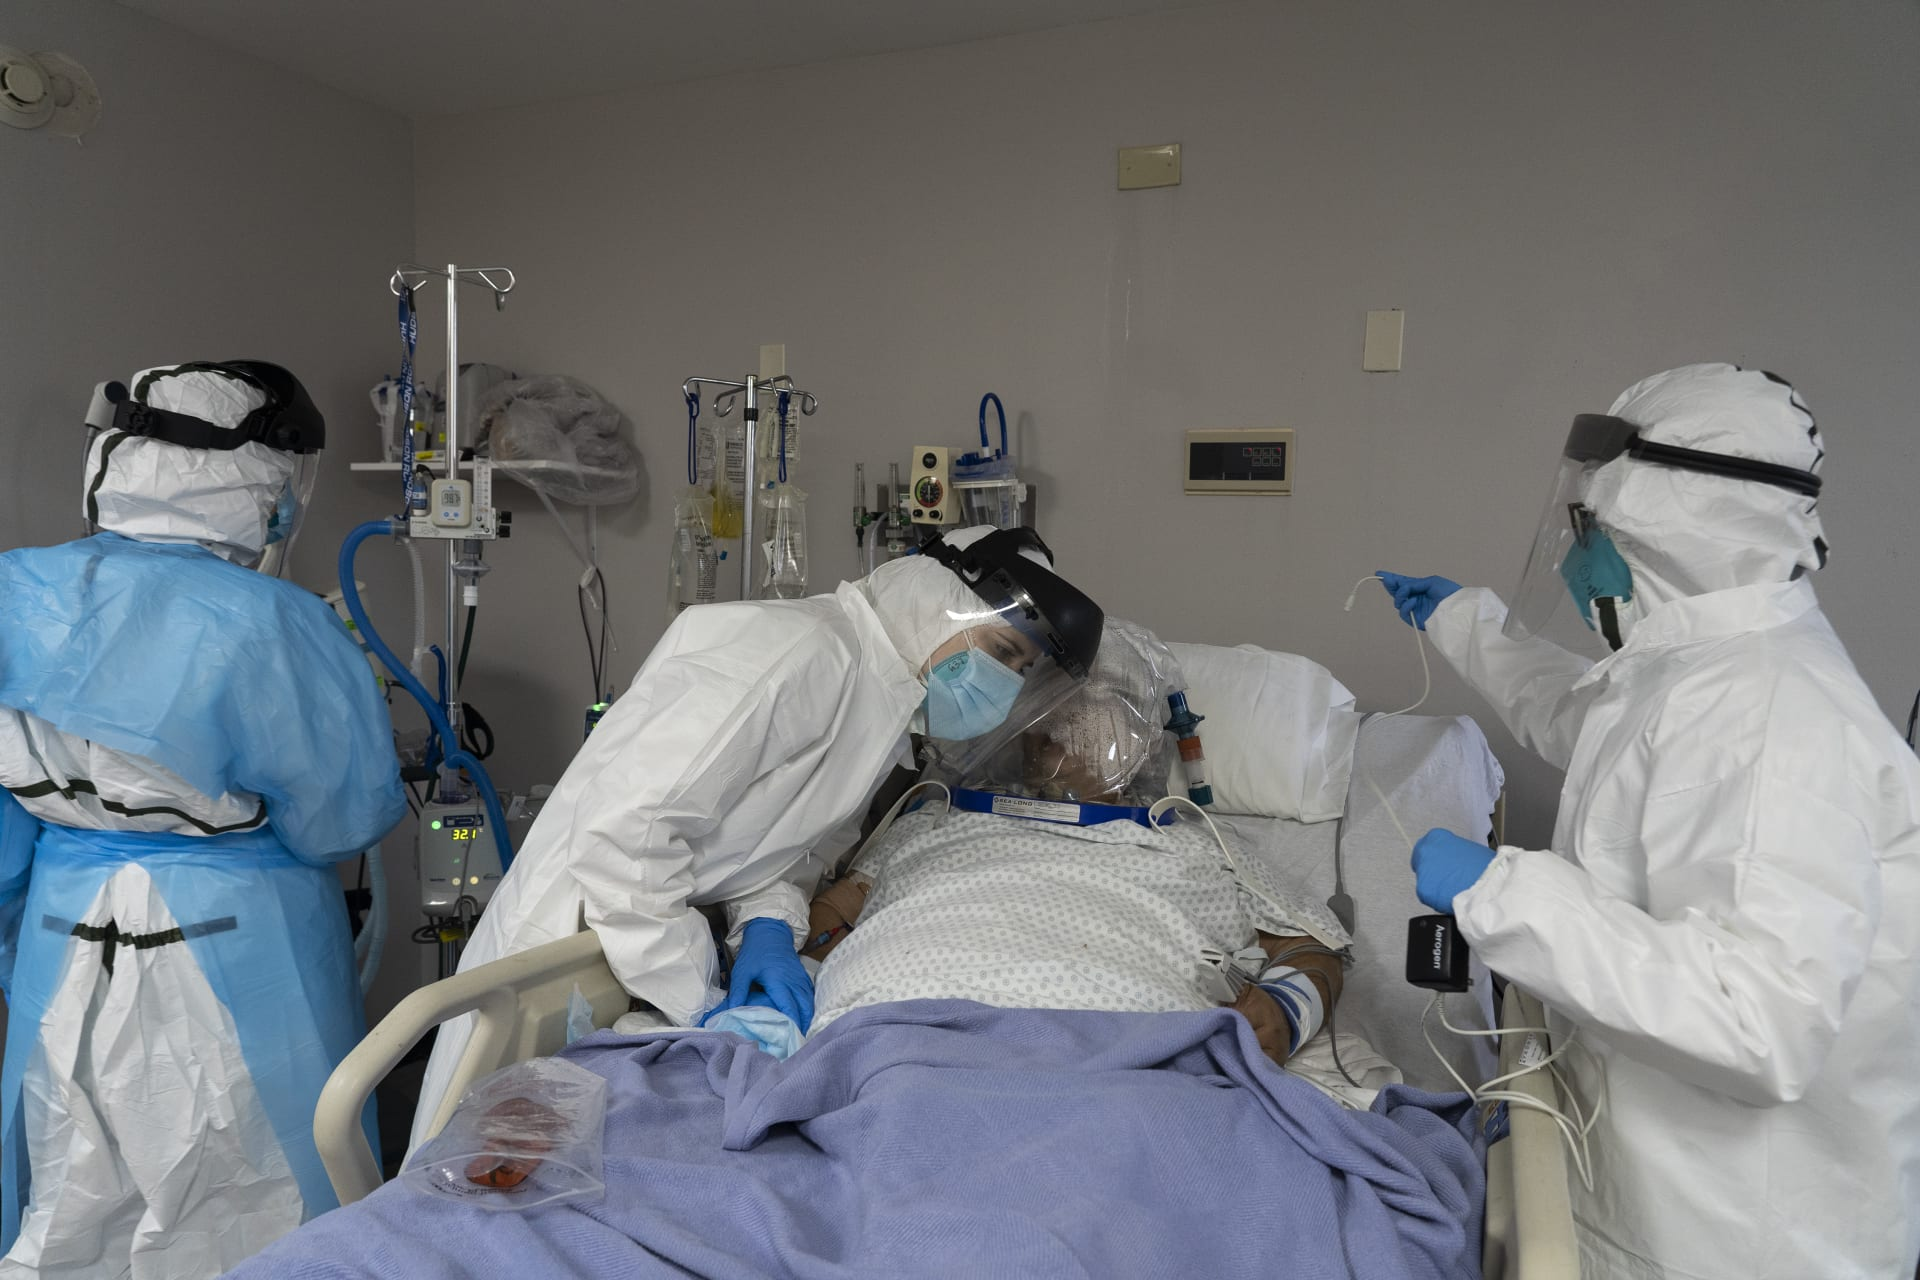 فريق طبي يتابع أحد المصابين بفيروس كورونا في إحدى المستشفيات في الولايات المتحدة